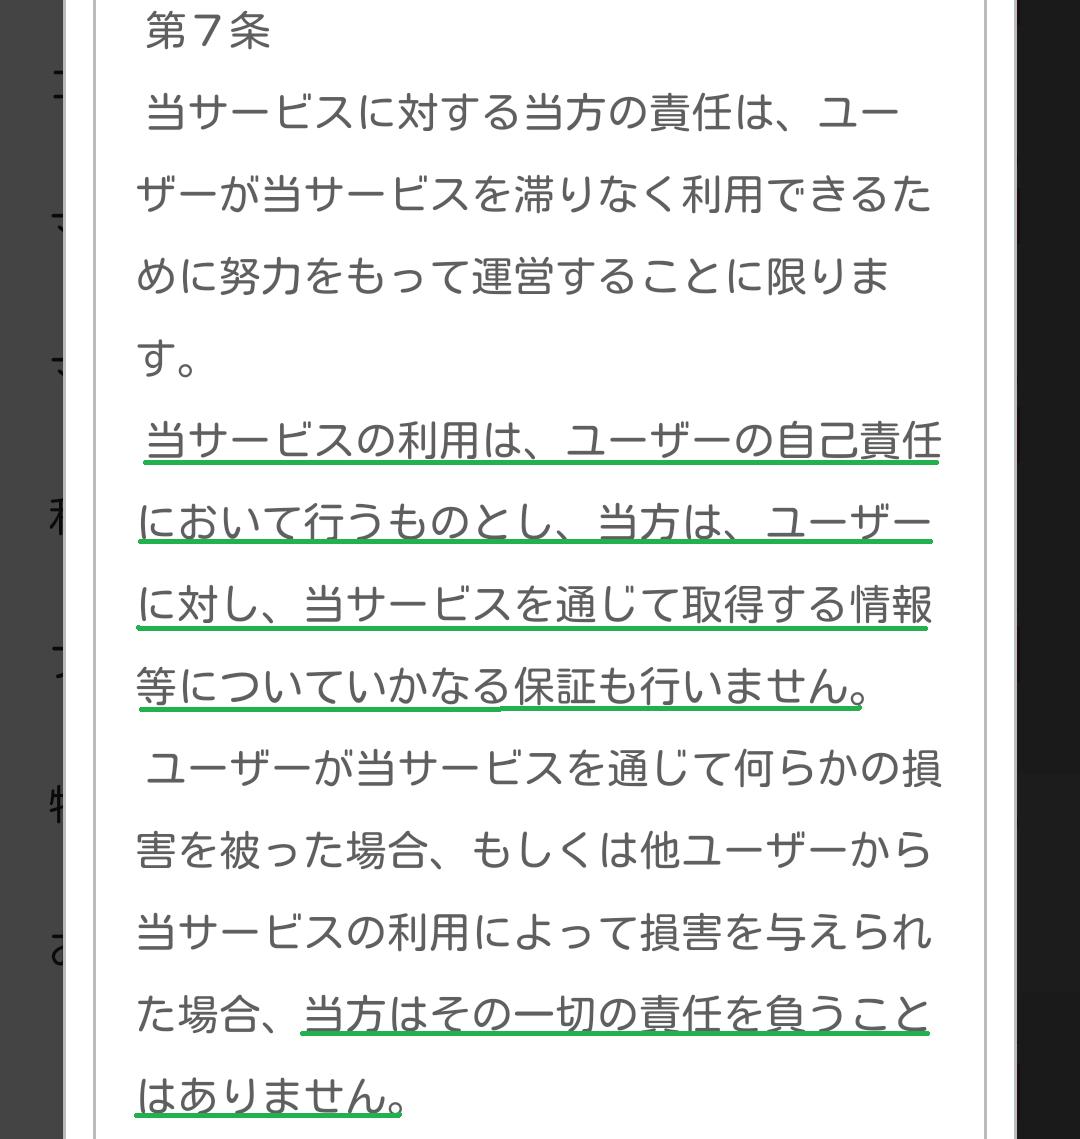 id交換ができる出会系アプリ【PERSON-パーソン-】の利用規約